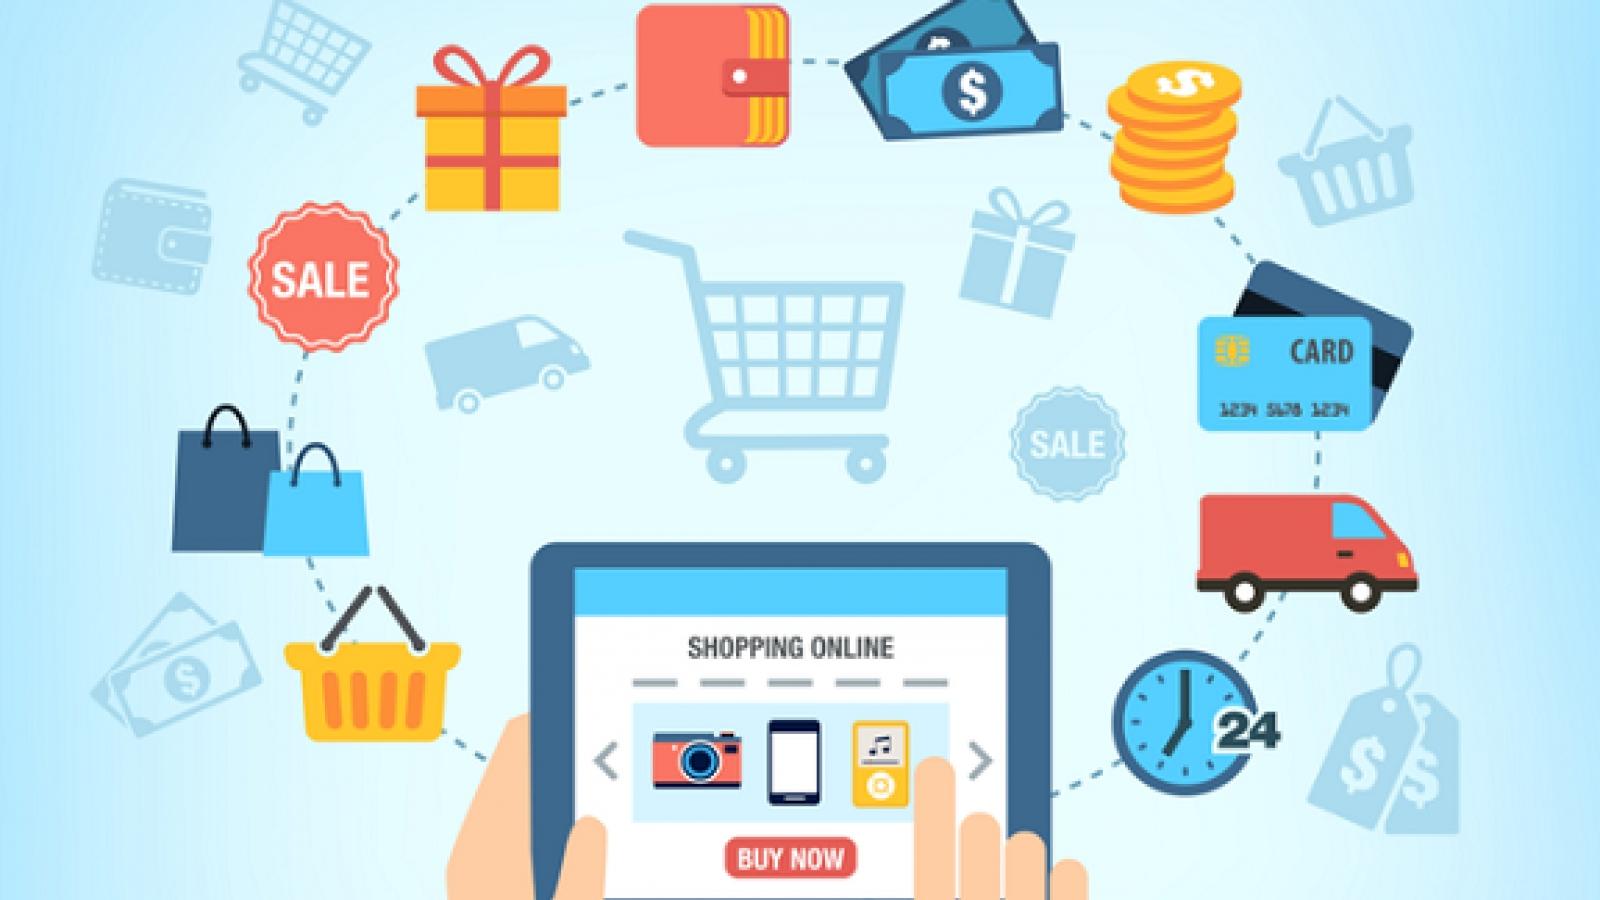 Tận dụng tối đa các FTA để tăng trưởng thông qua thương mại điện tử